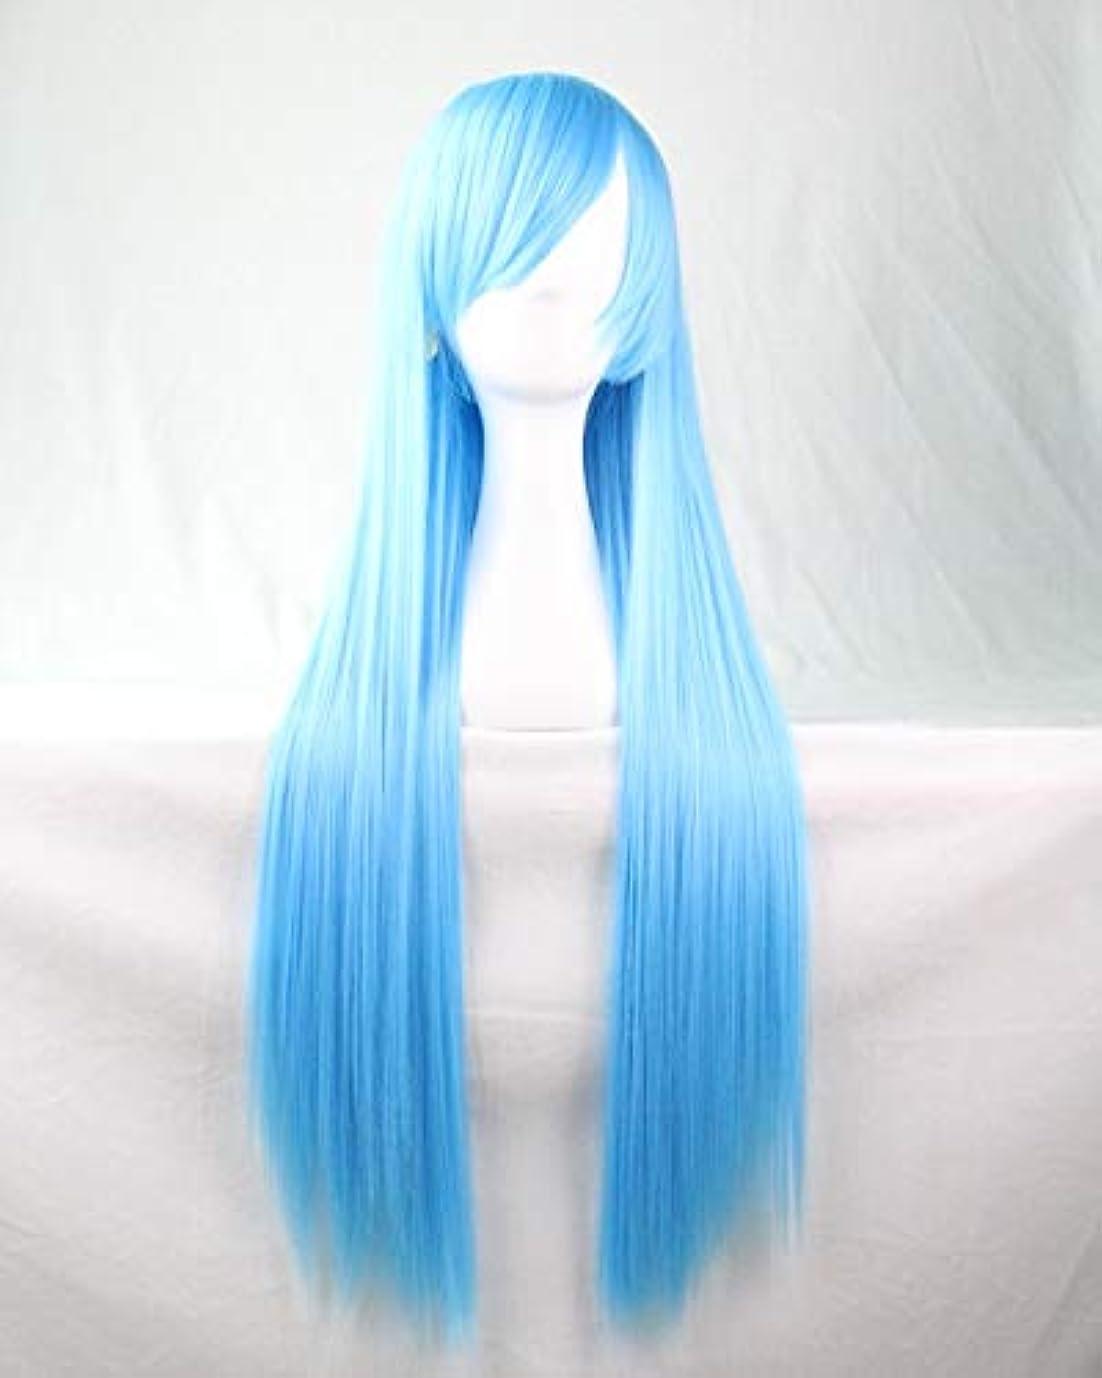 牛コカイン累積女性のためのかつらキャップロングファンシードレスストレートウィッグ高品質な人工毛コスプレ高密度ウィッグ女性と女の子のためのかつら31.5インチ (Color : Aqua blue)